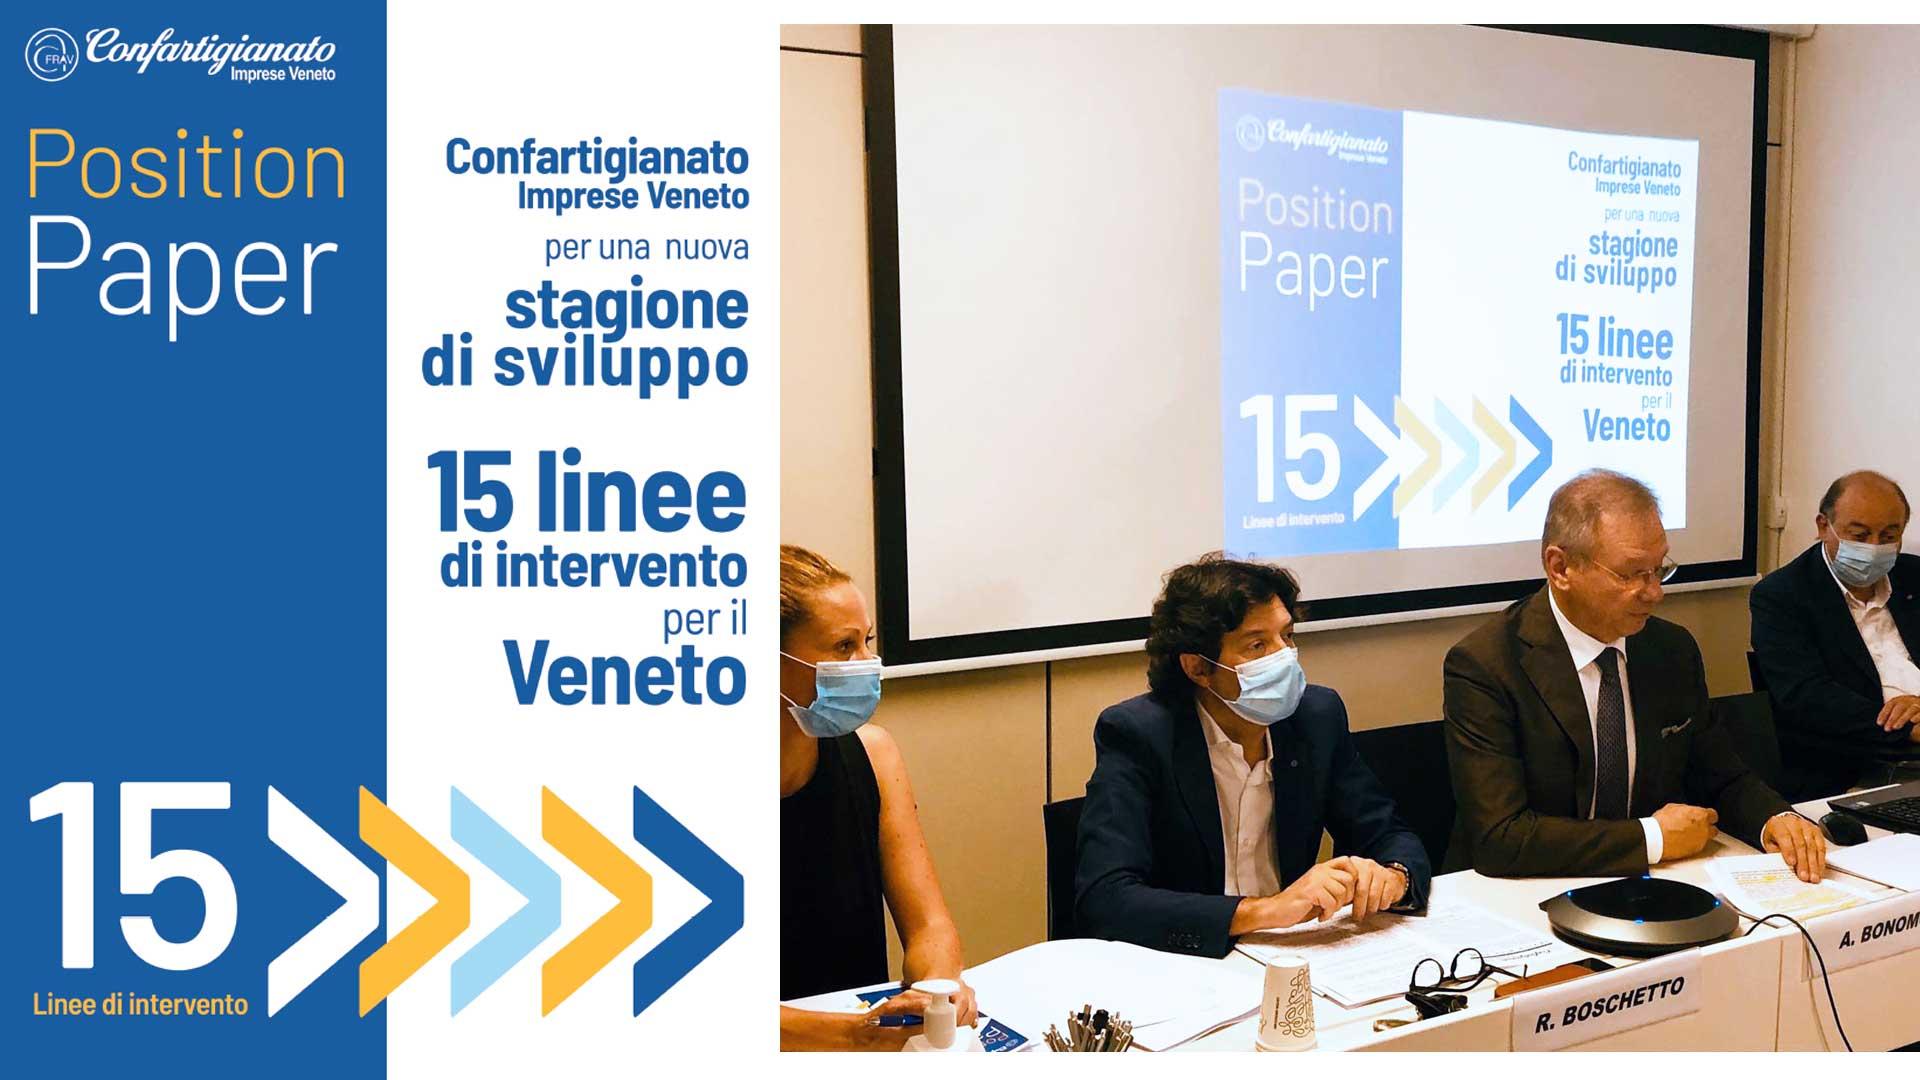 VENETO –Position Paper per una nuova stagione di sviluppo: il documento di Confartigianato Imprese Veneto per le elezioni regionali 2020